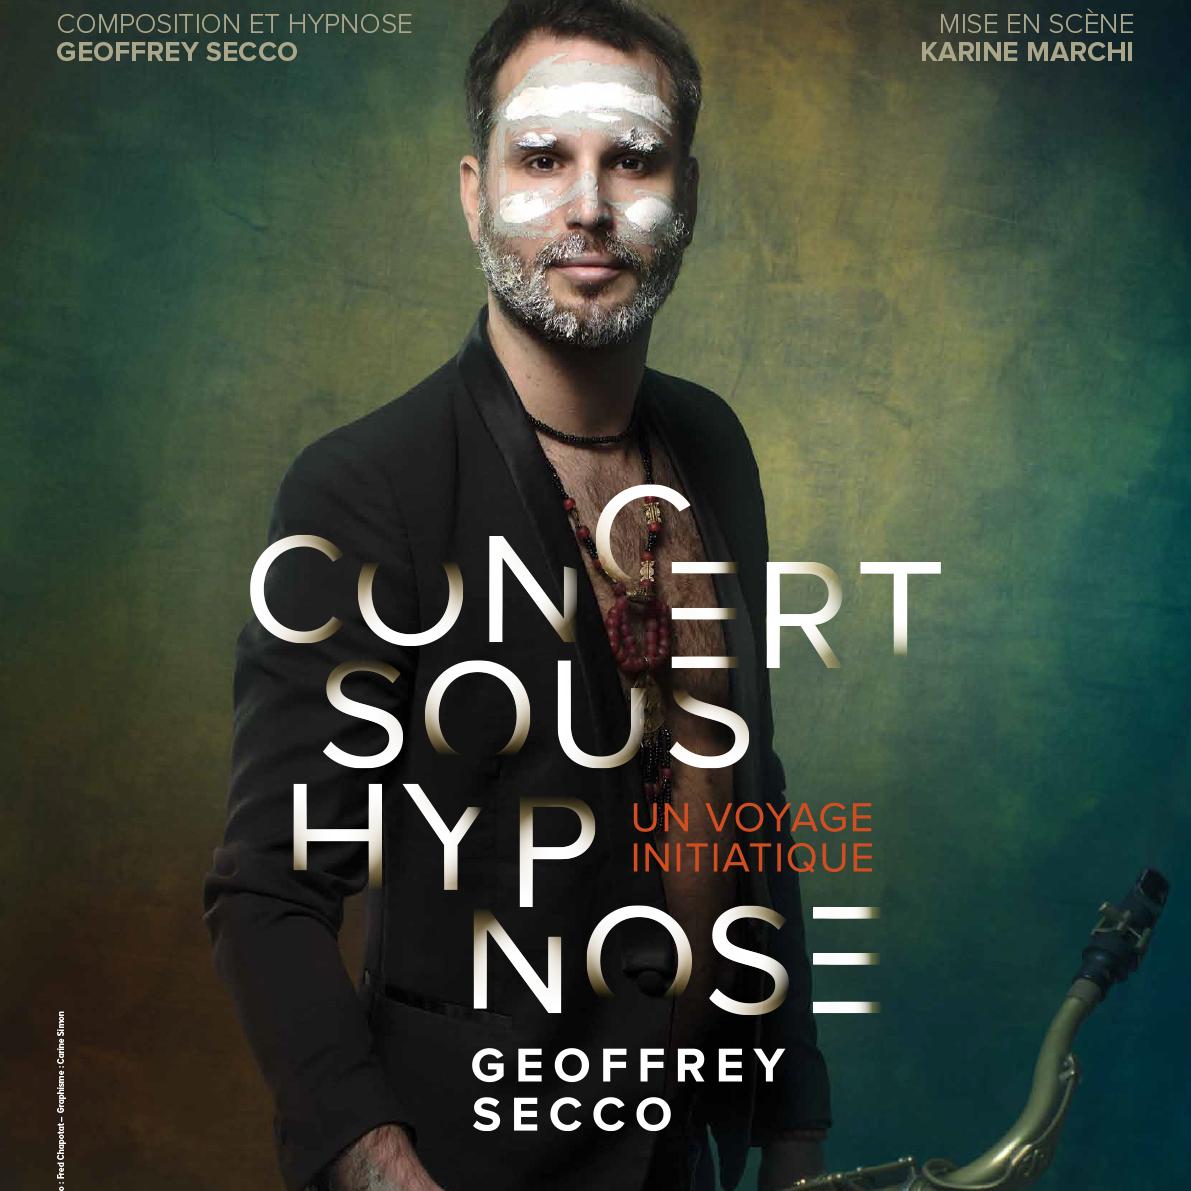 Affiche Concert sous hypnose 2Le Flow